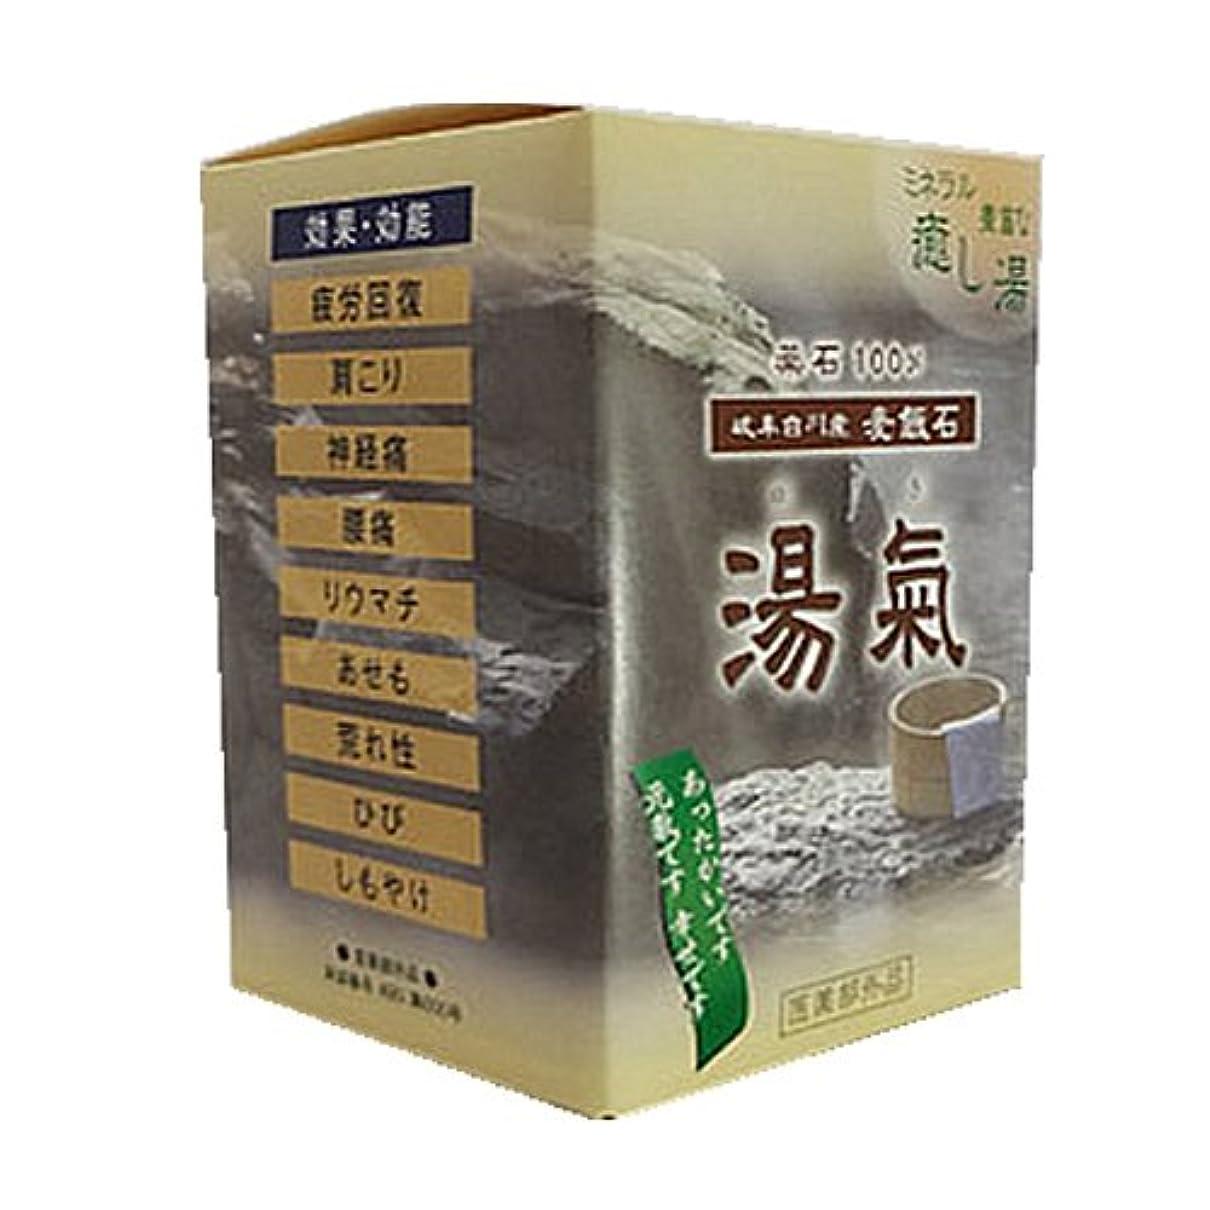 熟練したサイクロプスぬれた医薬部外品 岐阜白川産麦飯石 湯気(ゆき) K11781